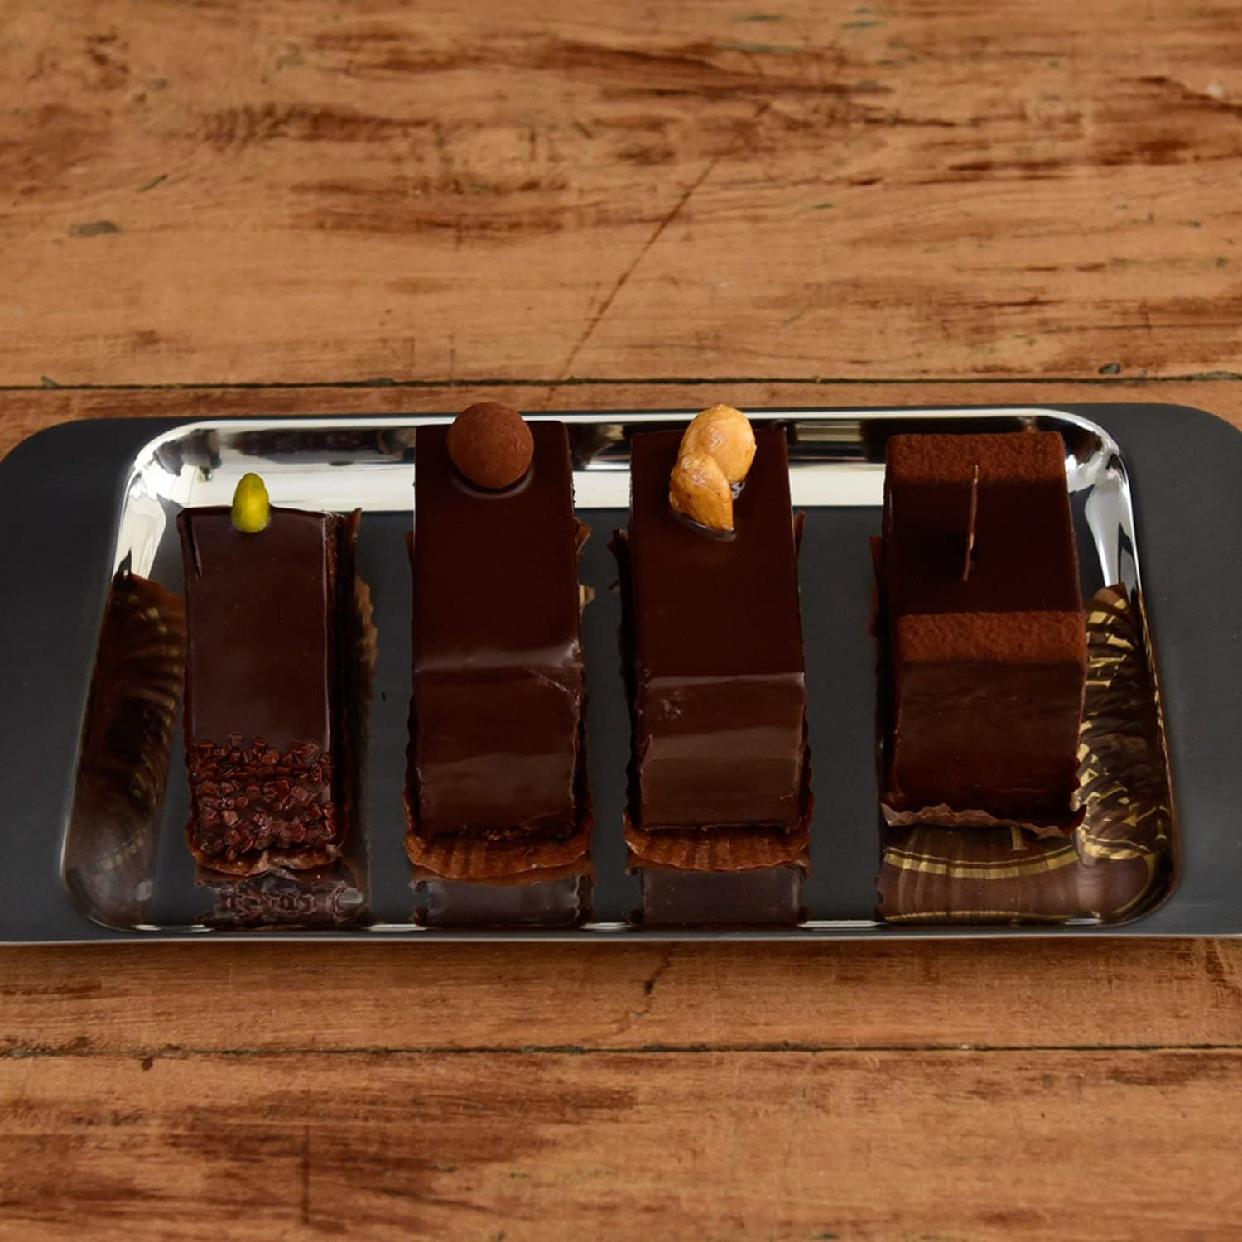 Motta(モッタ)レクタングルトレイ 28.3cmの商品画像3